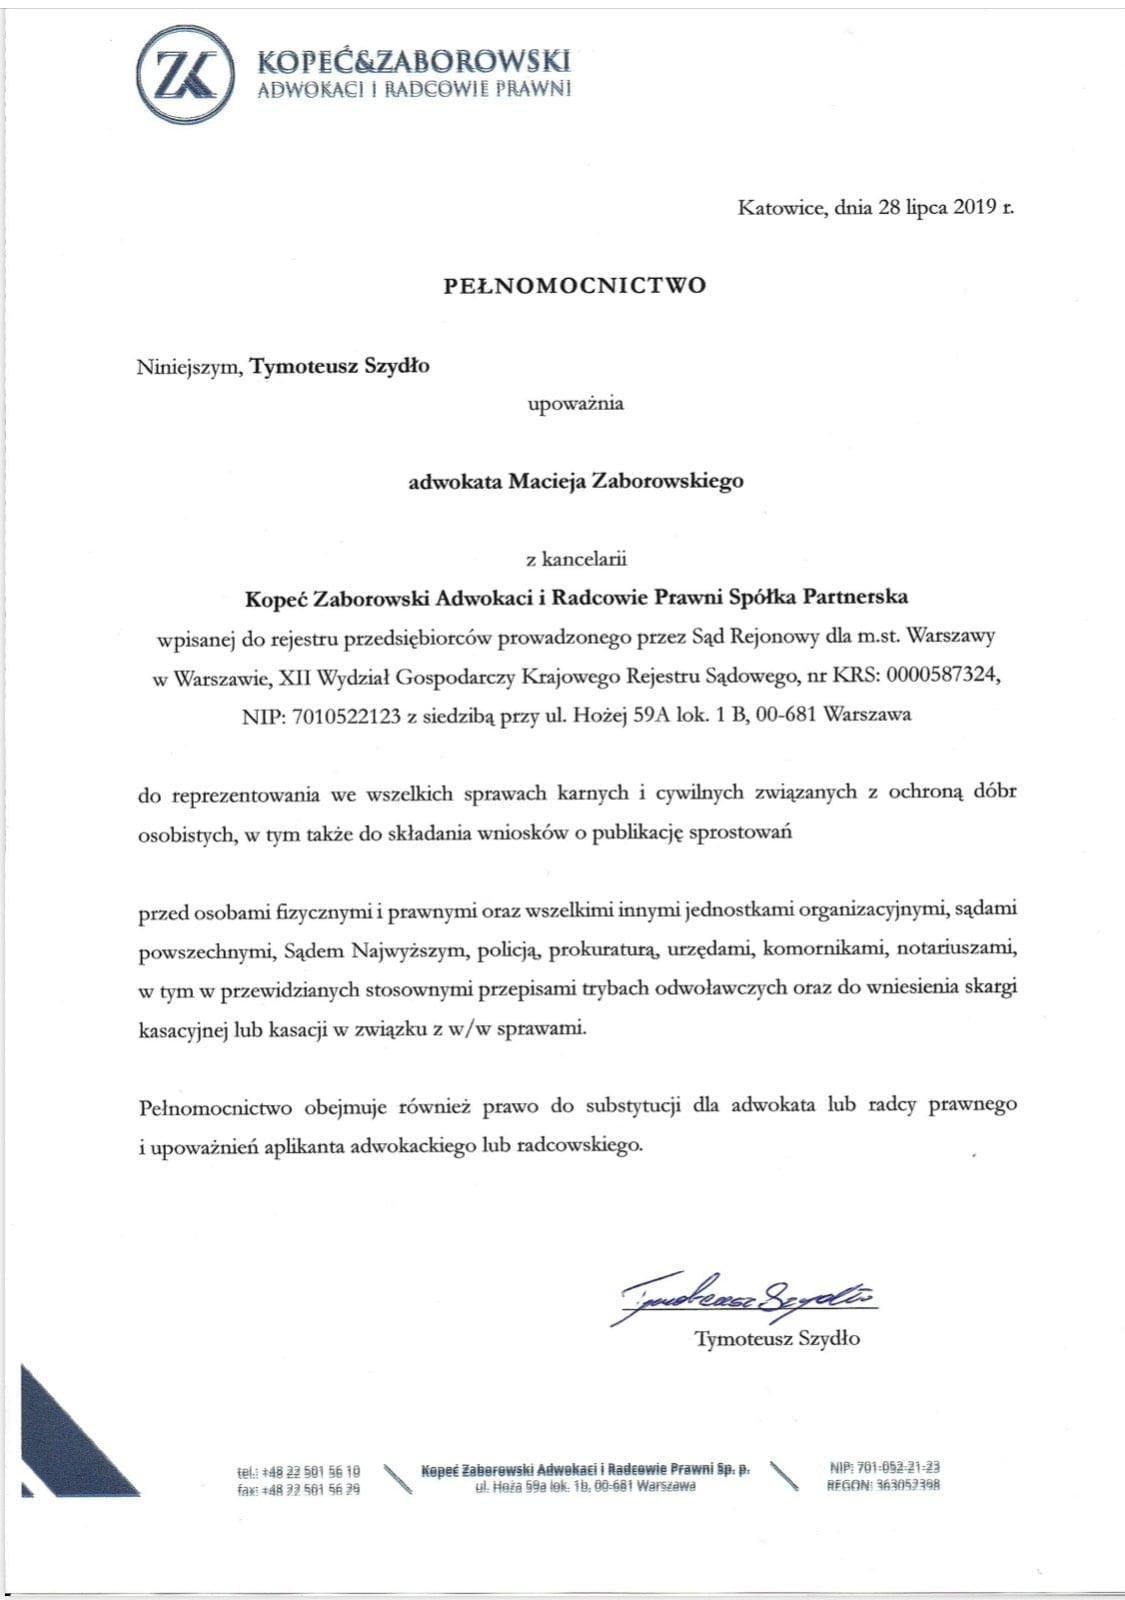 Pełnomocnictwo Tymoteusz Szydło